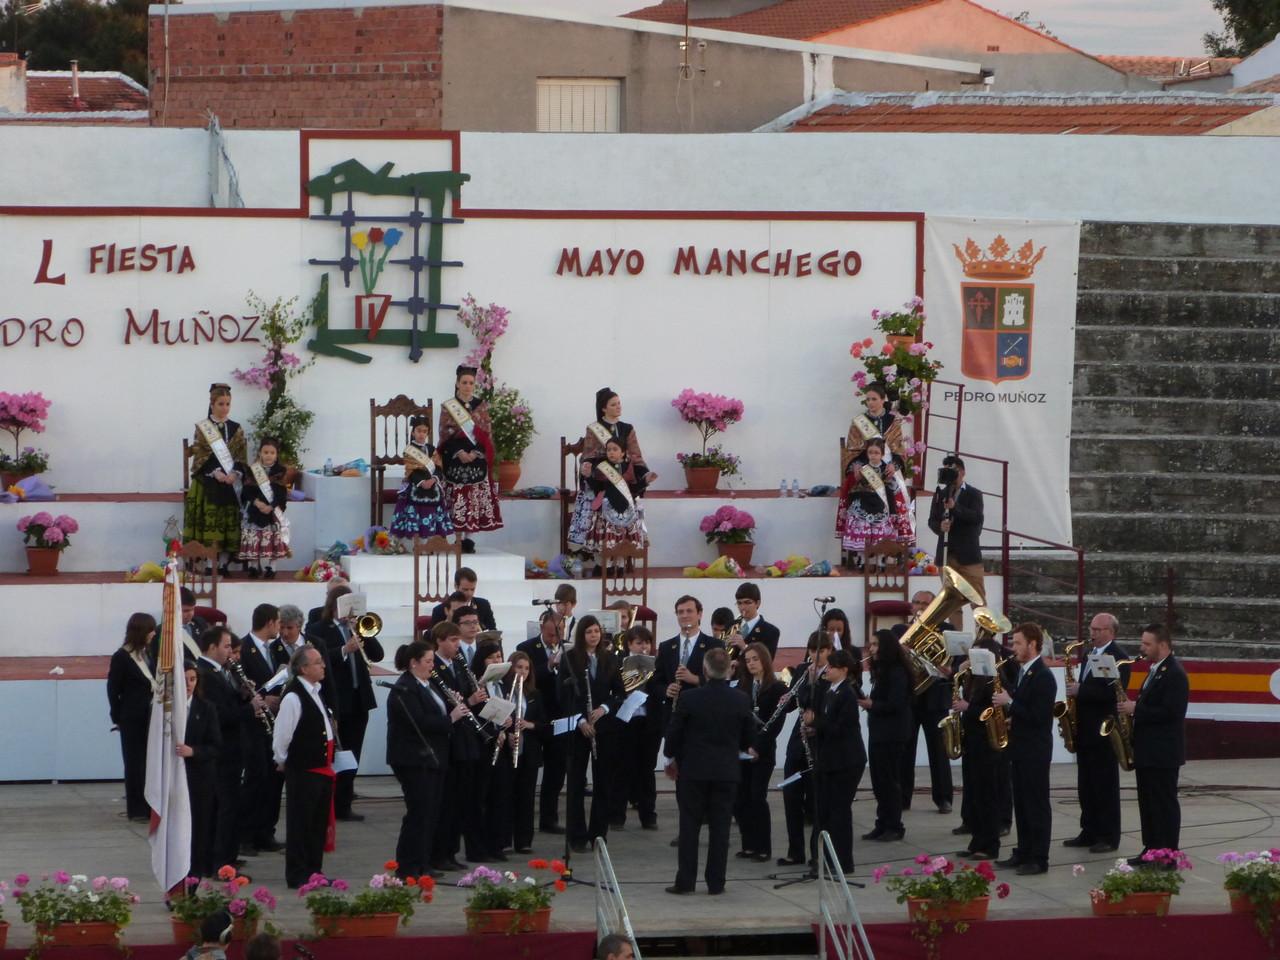 Hymne de Pedro Muñoz.